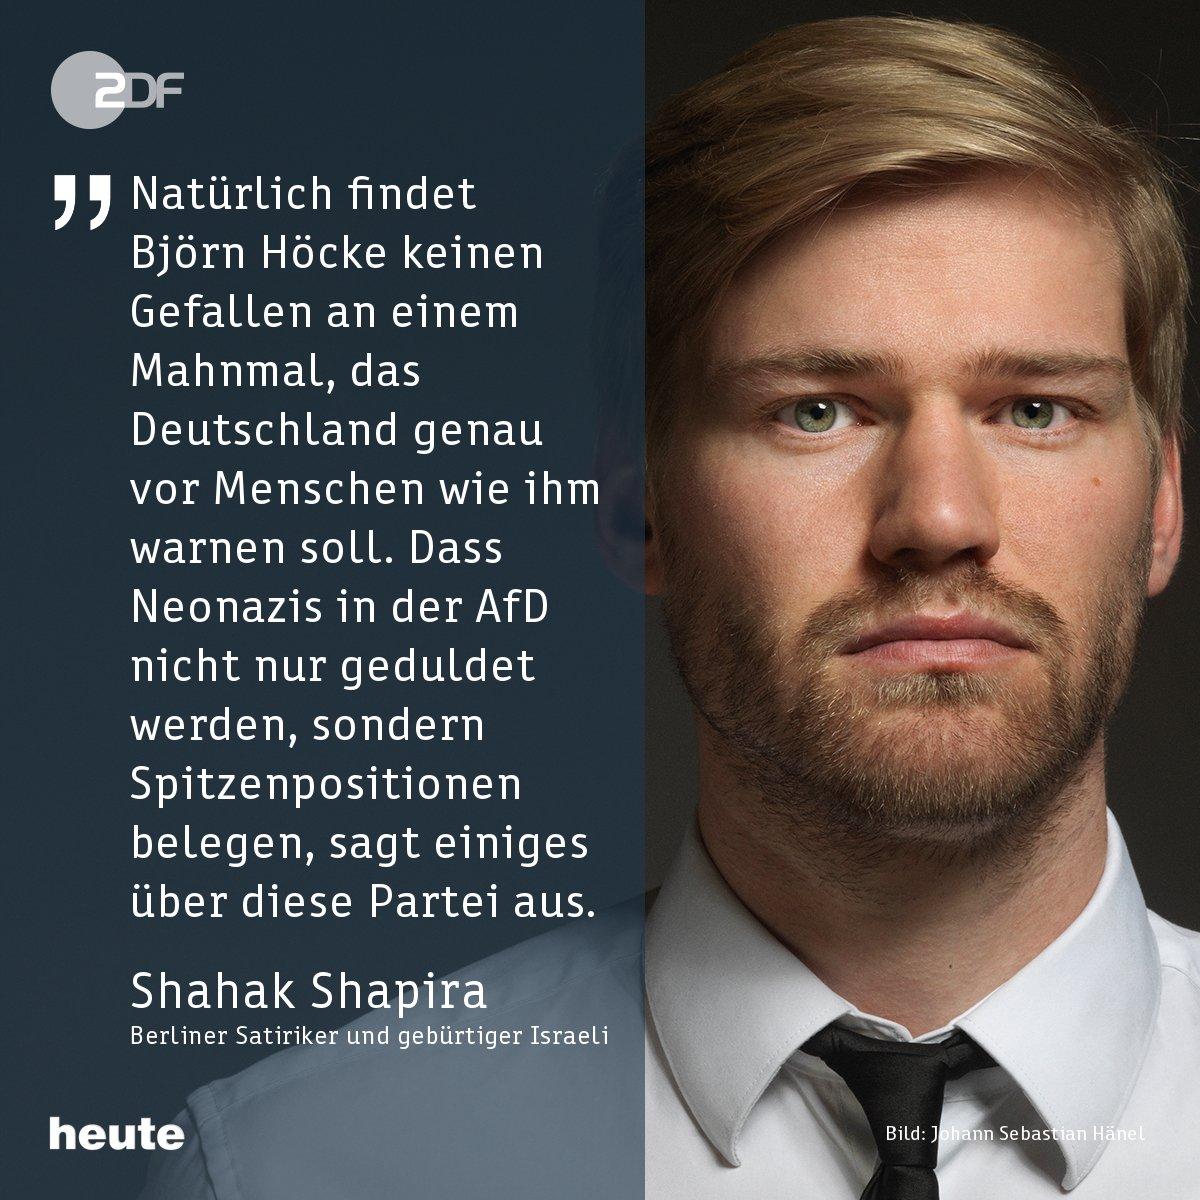 Der Berliner Satiriker und gebürtige Israeli @ShahakShapira reagiert auf das #Höcke-Zitat zum #Holocaustmahnmal. #AfD